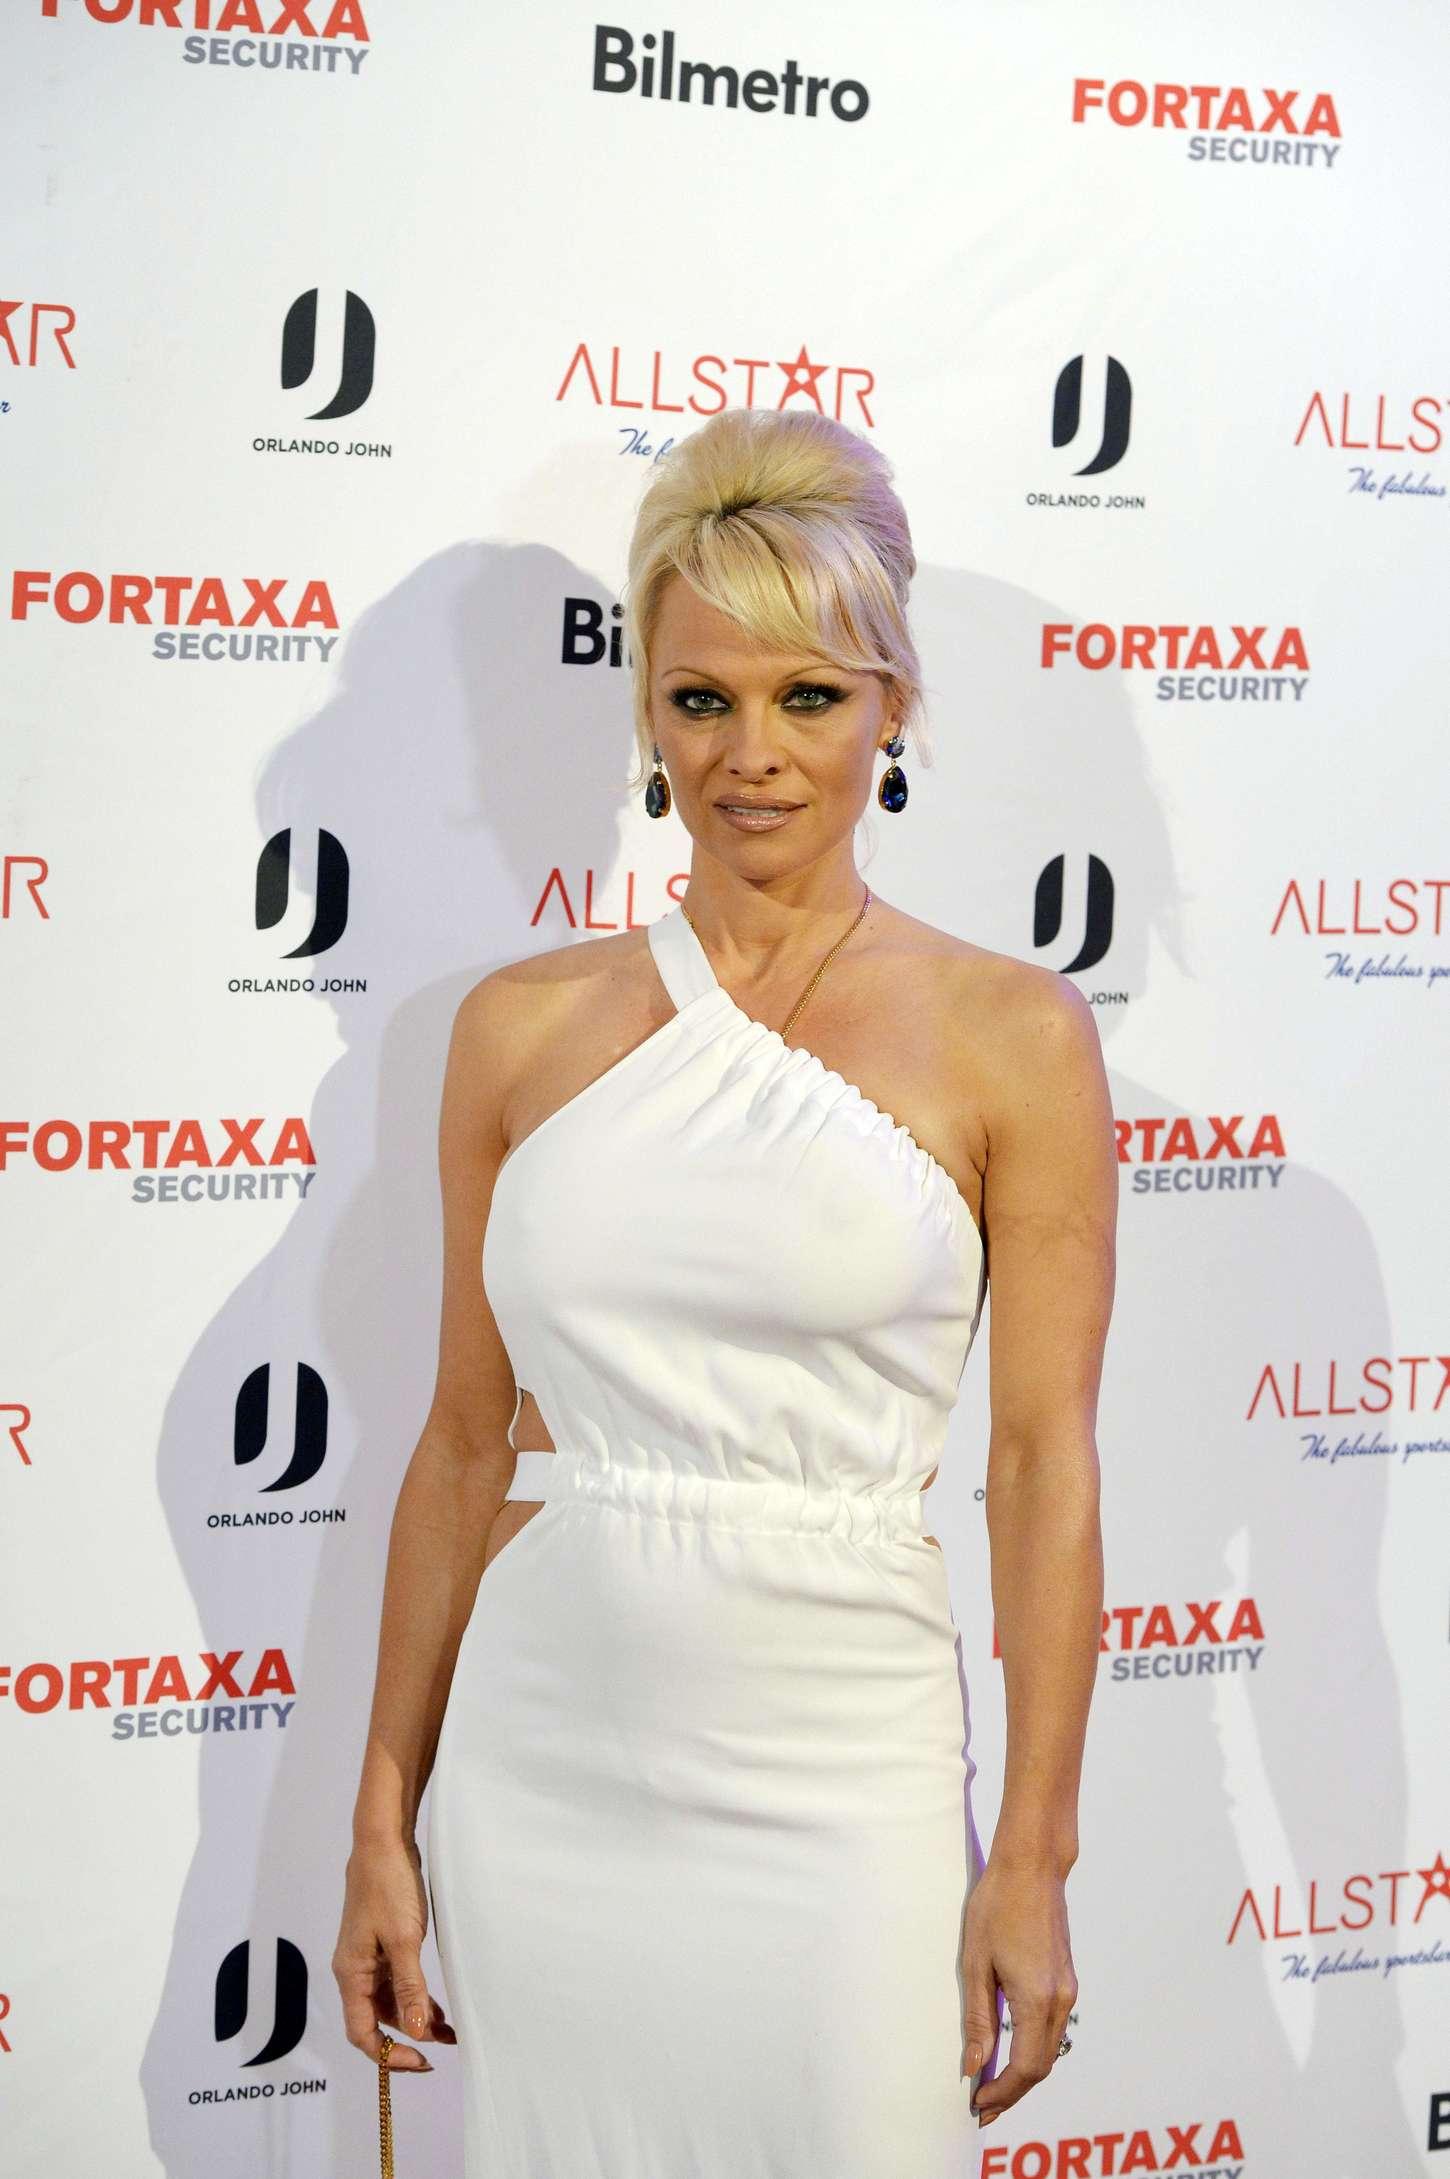 Pamela Anderson at All Star Nightclub Inauguration in Sandviken